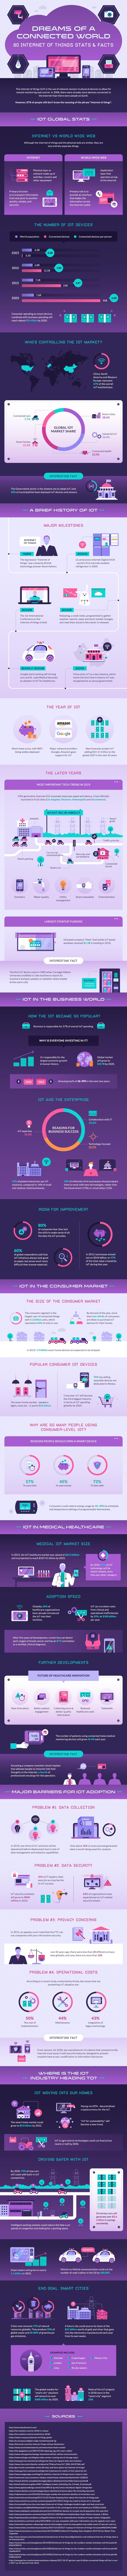 IoT-infographic.jpg